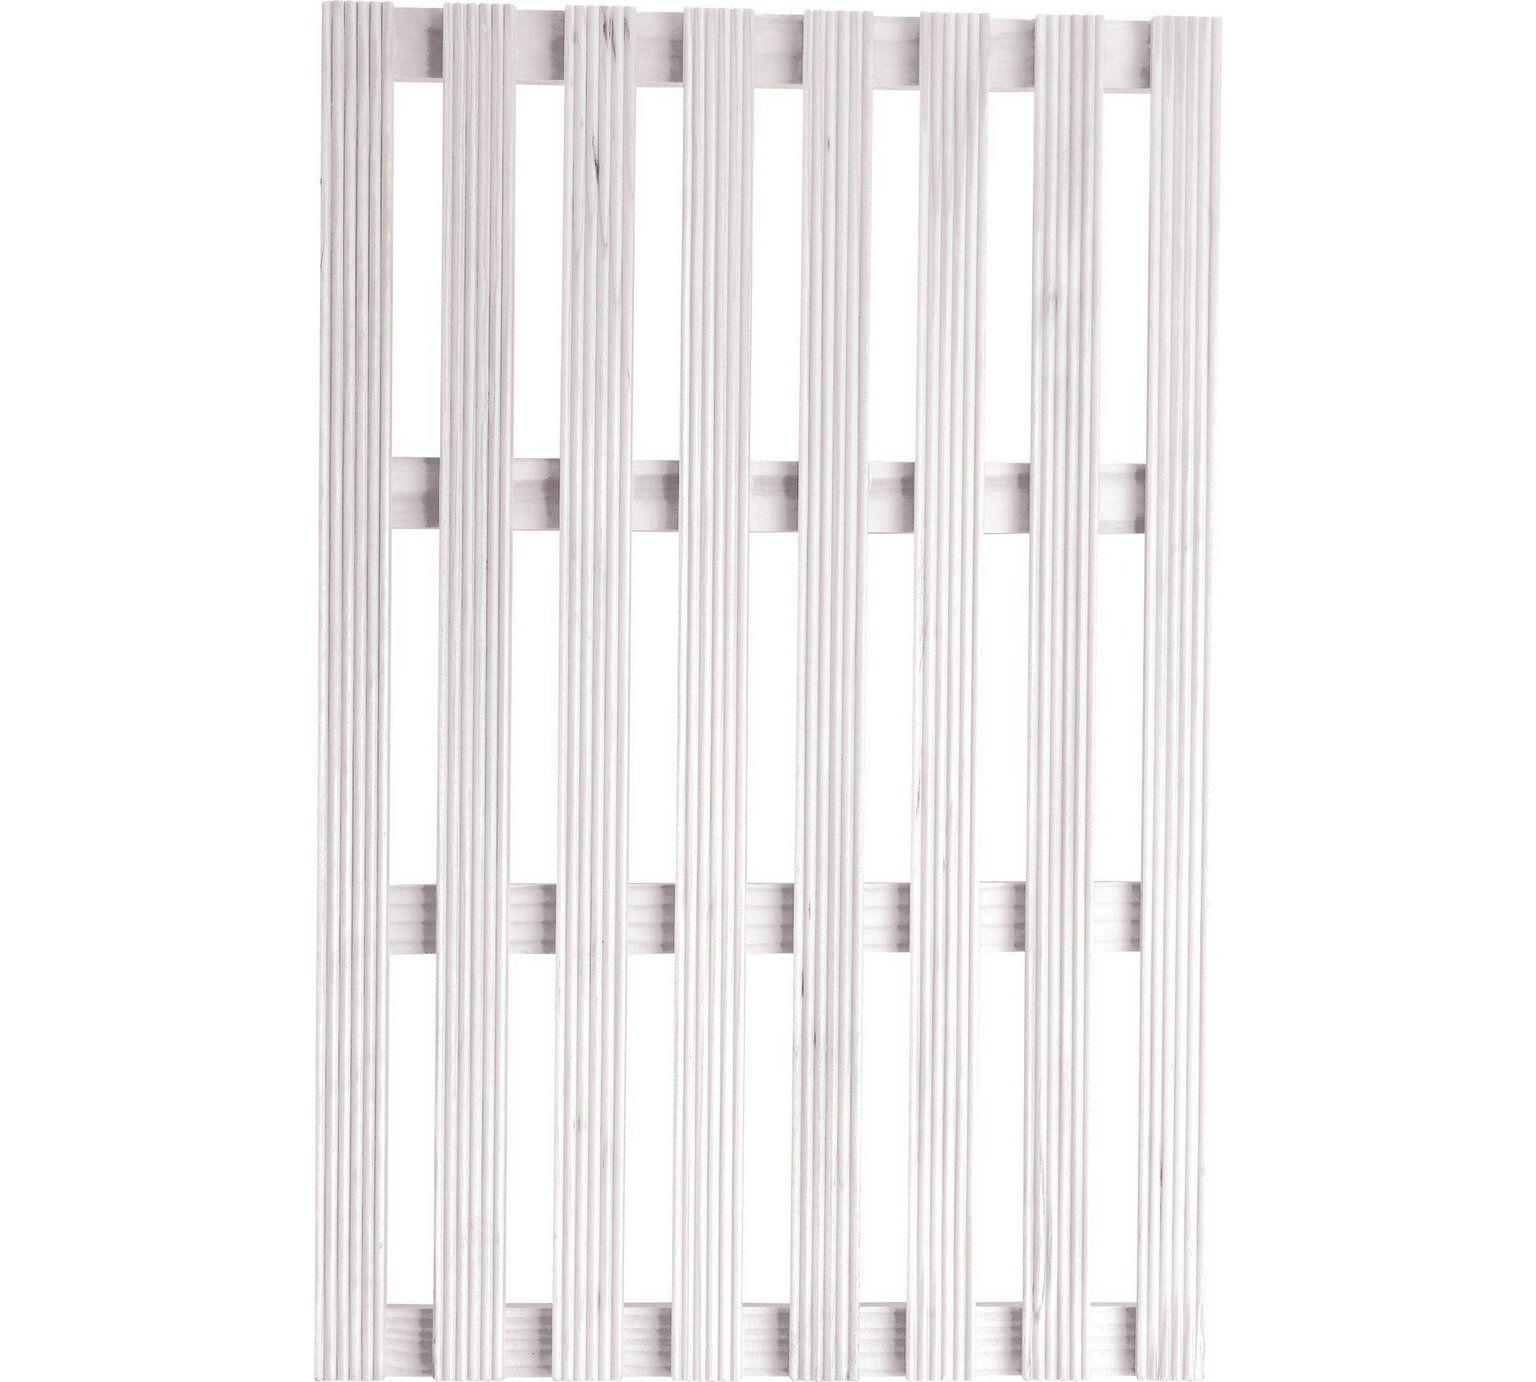 Buy HOME Pine Duckboard - White at Argos.co.uk, visit Argos.co.uk to ...